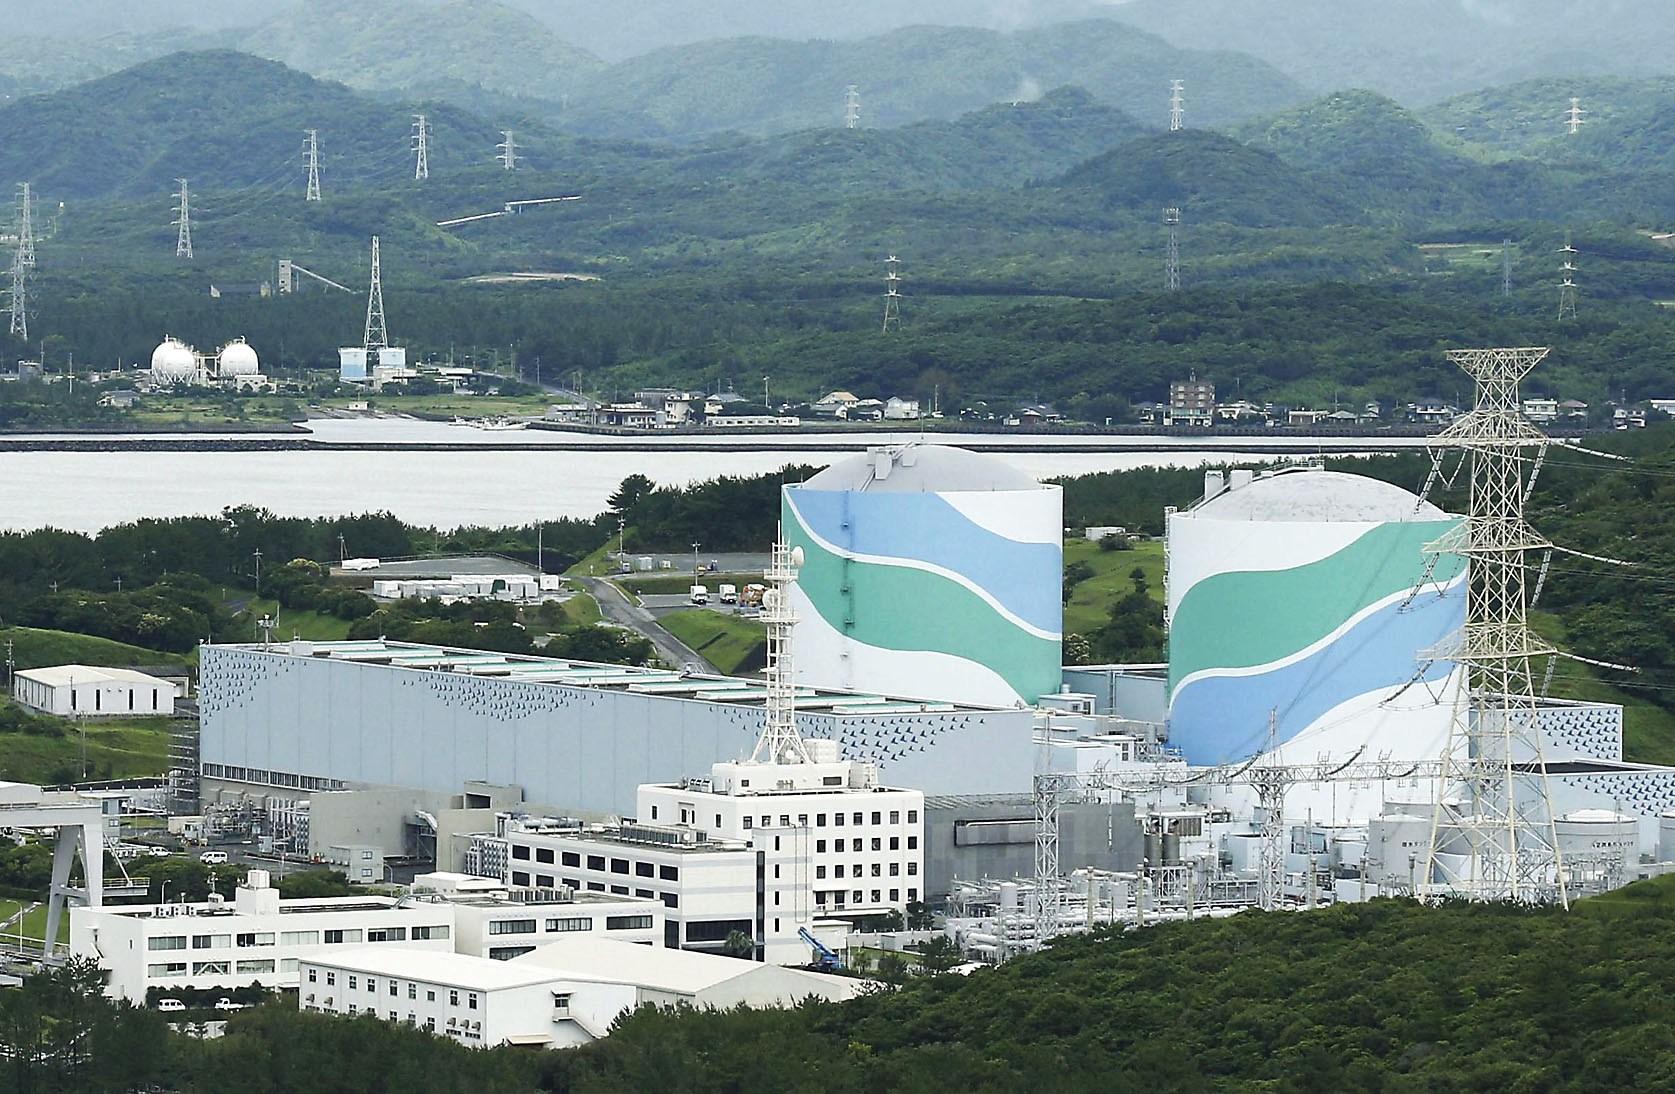 Chính sách năng lượng Nhật Bản: Xác định cấu trúc điện năng tương lai 2